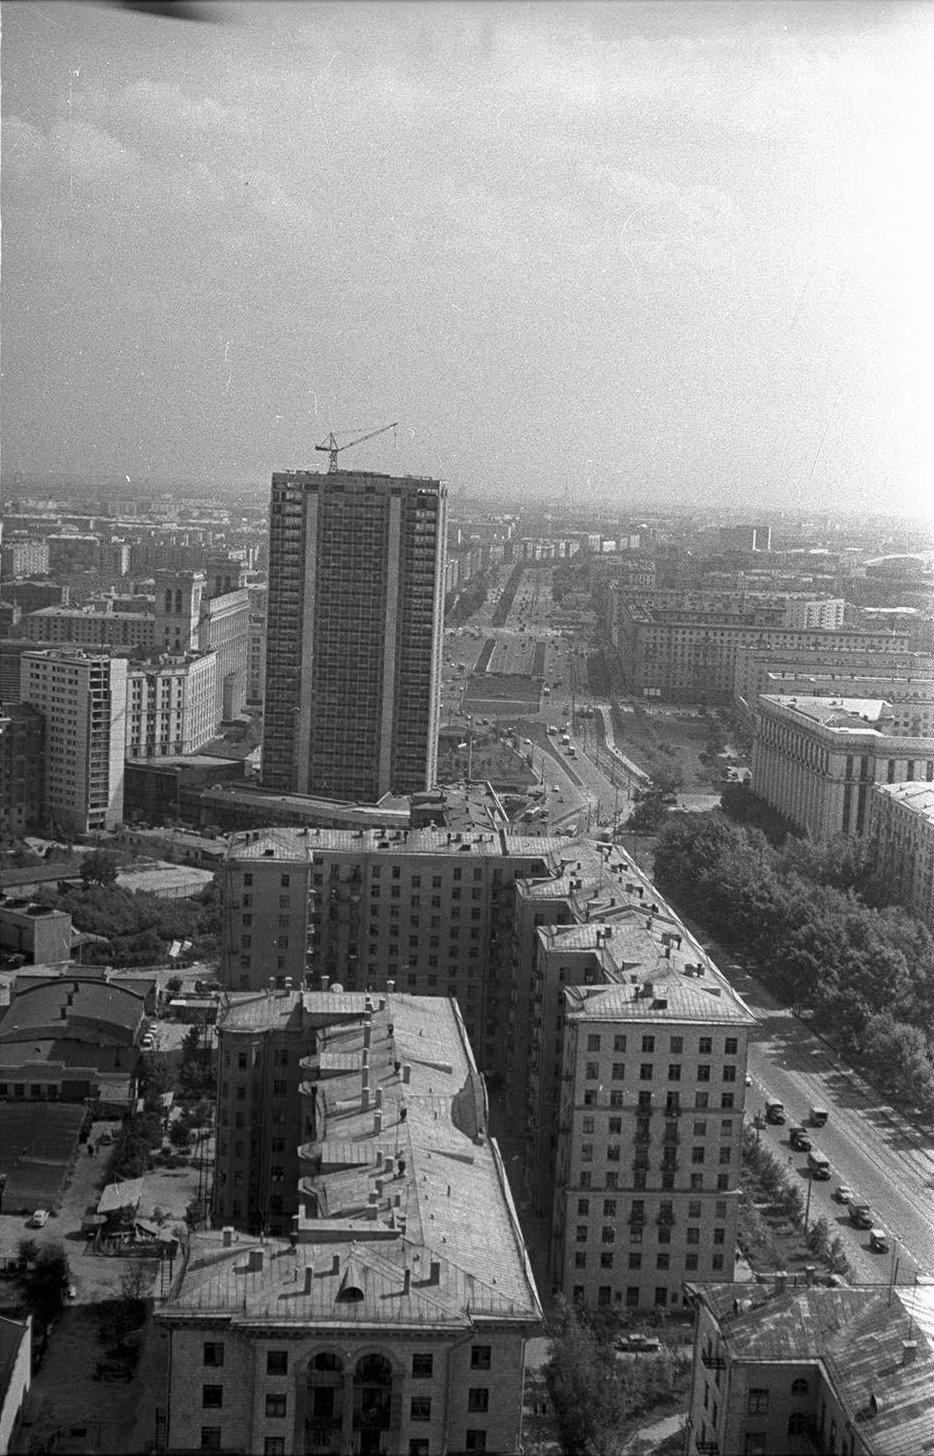 1965. Волоколамское шоссе. Развилка Ленинградского и Волоколамского шоссе